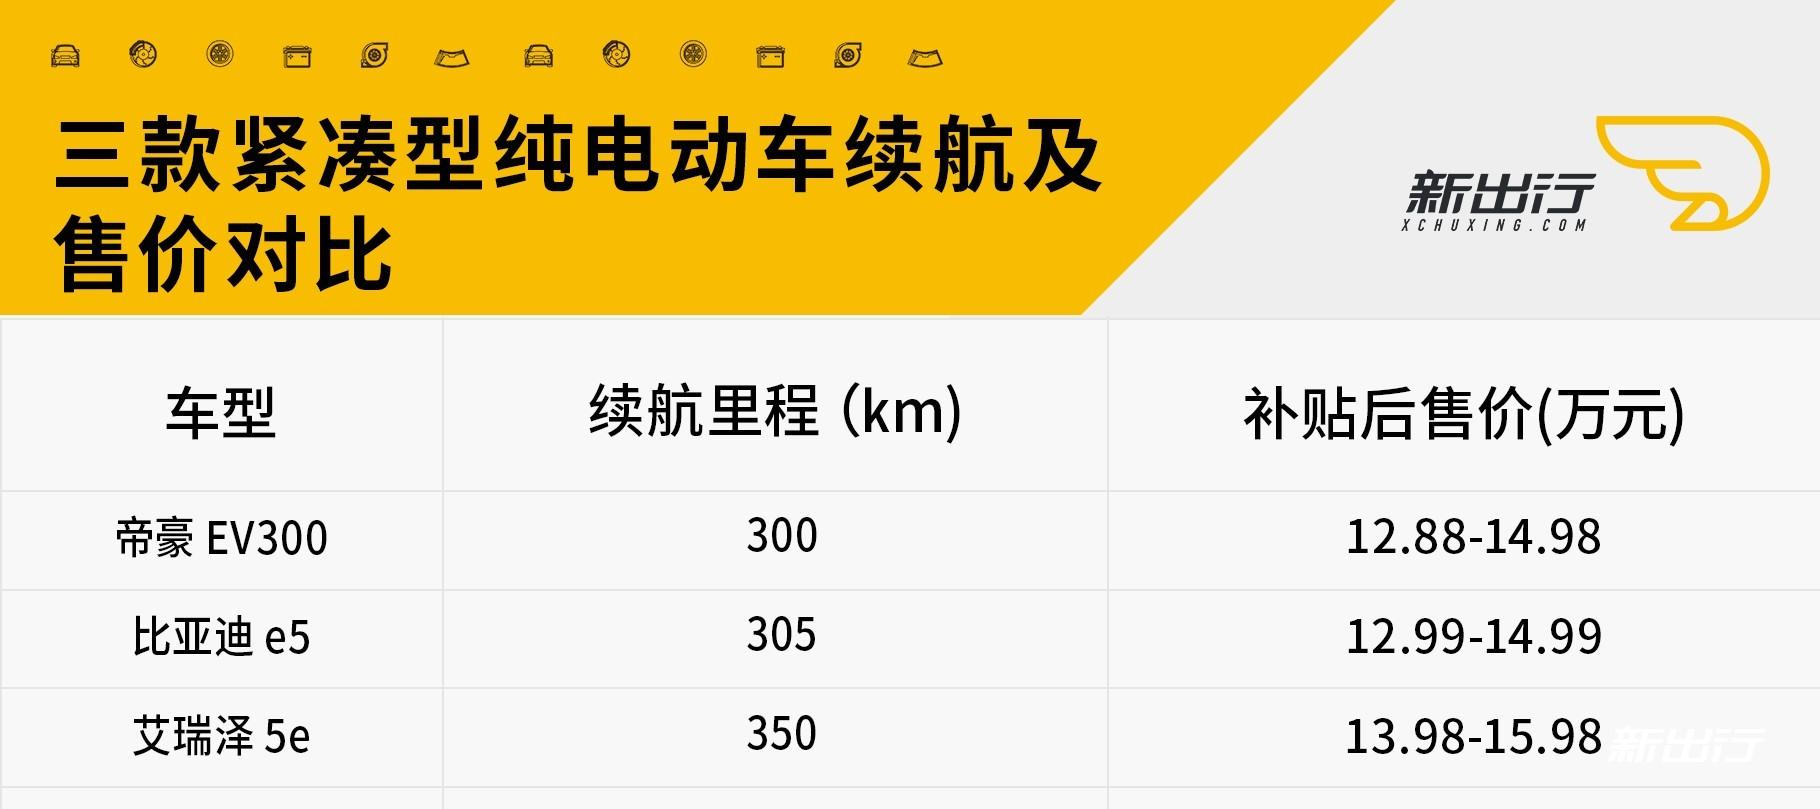 纯电紧凑型对比.jpg